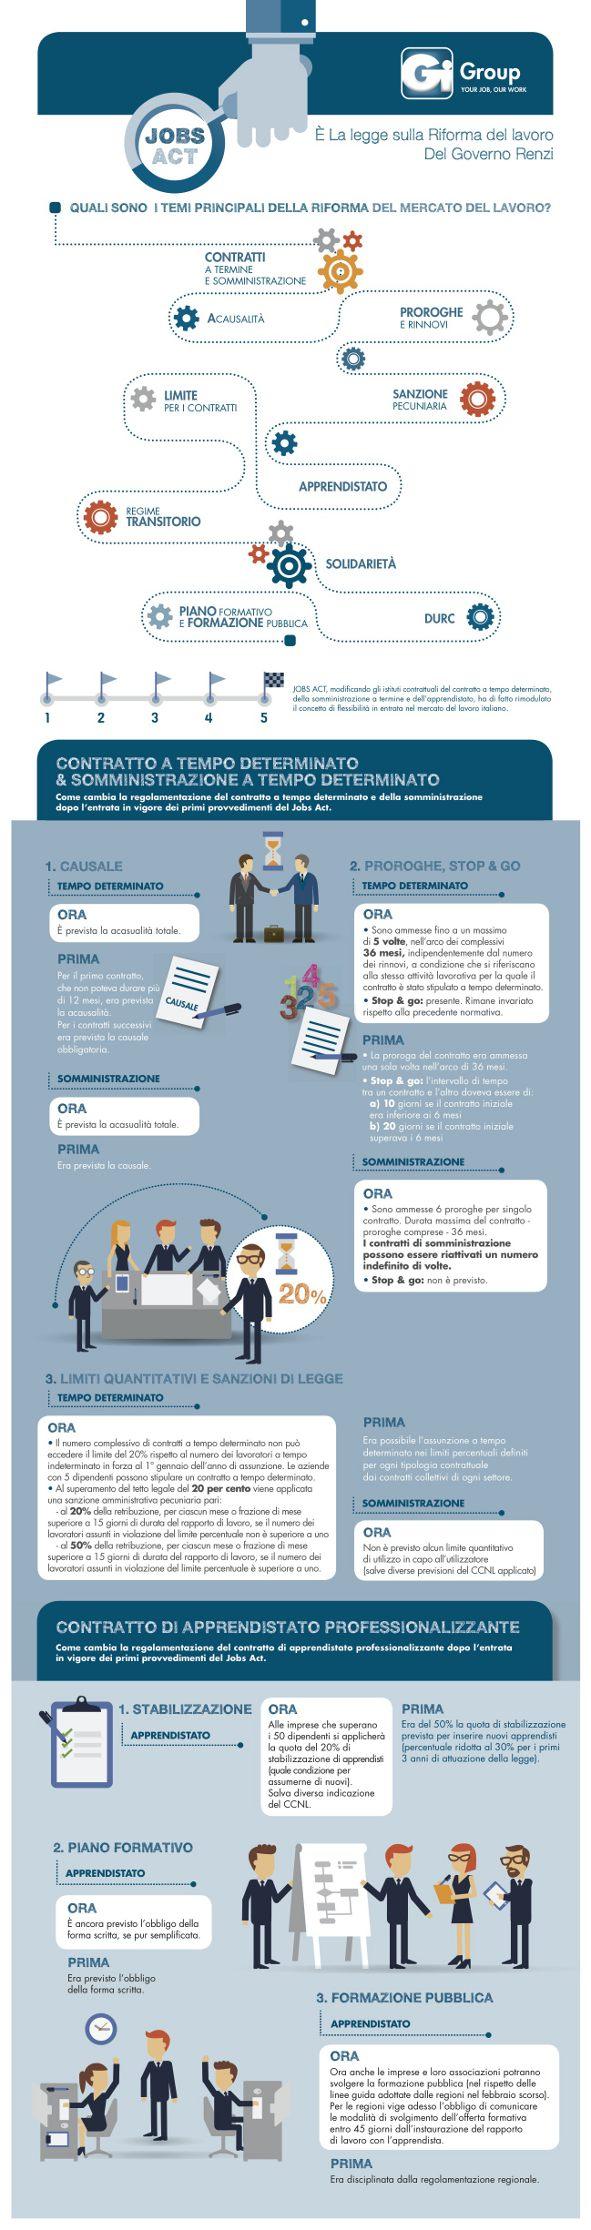 inforgrafica-riforma-lavoro-2014